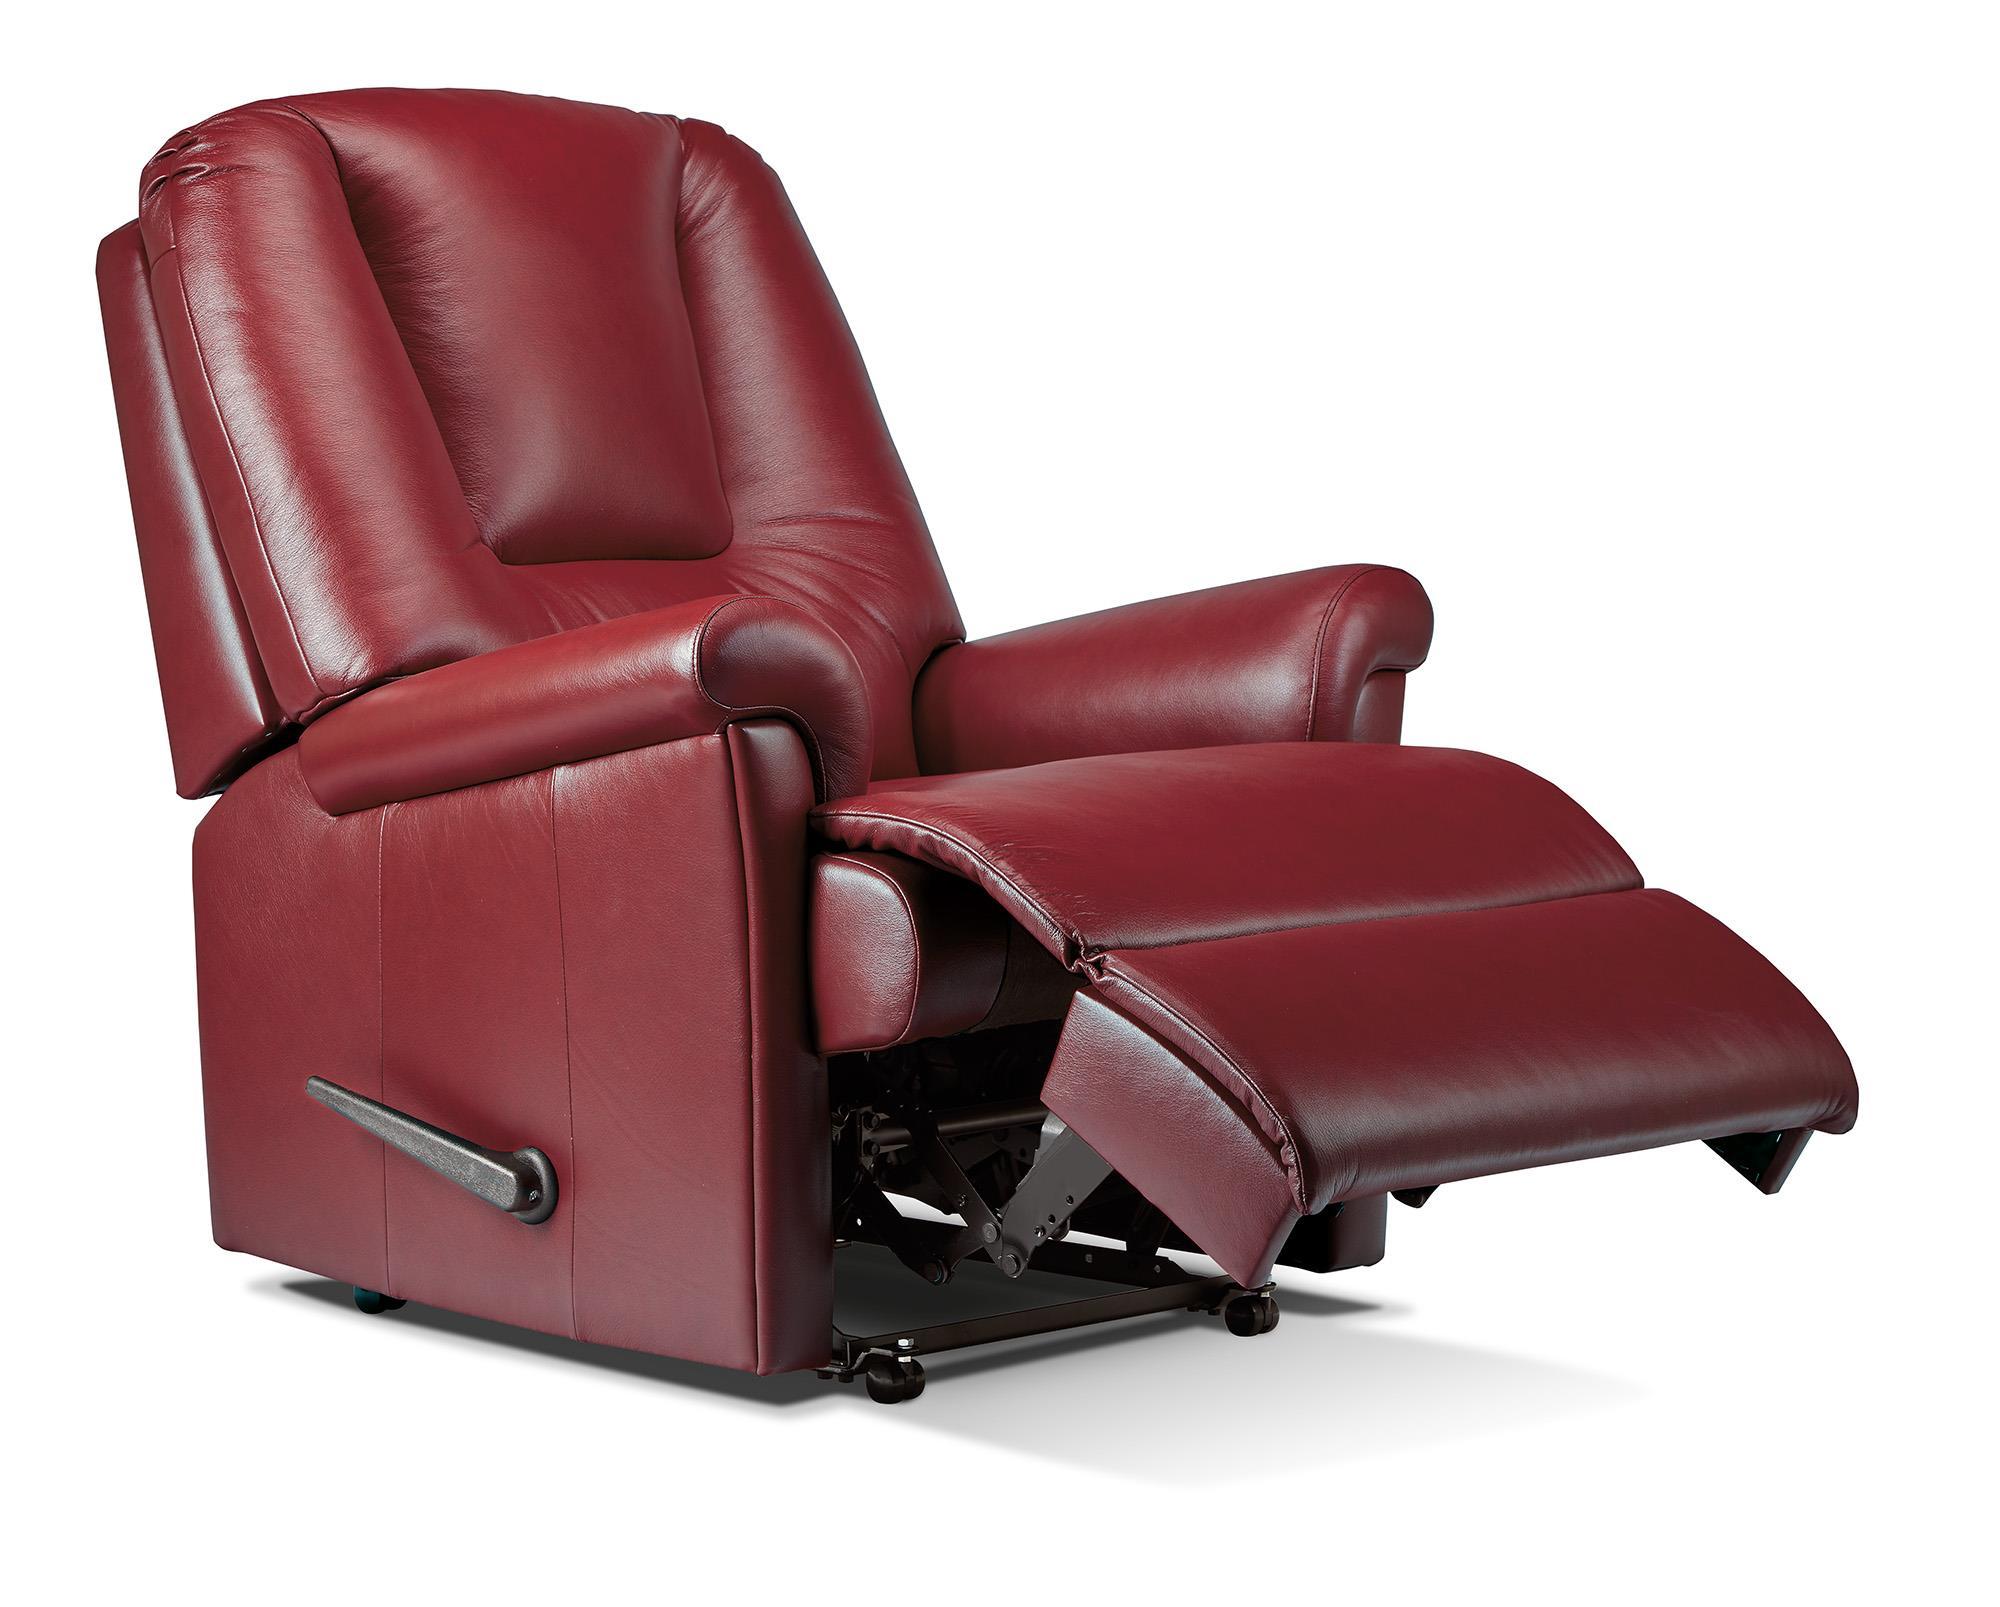 MILBURN - Chair Recliner